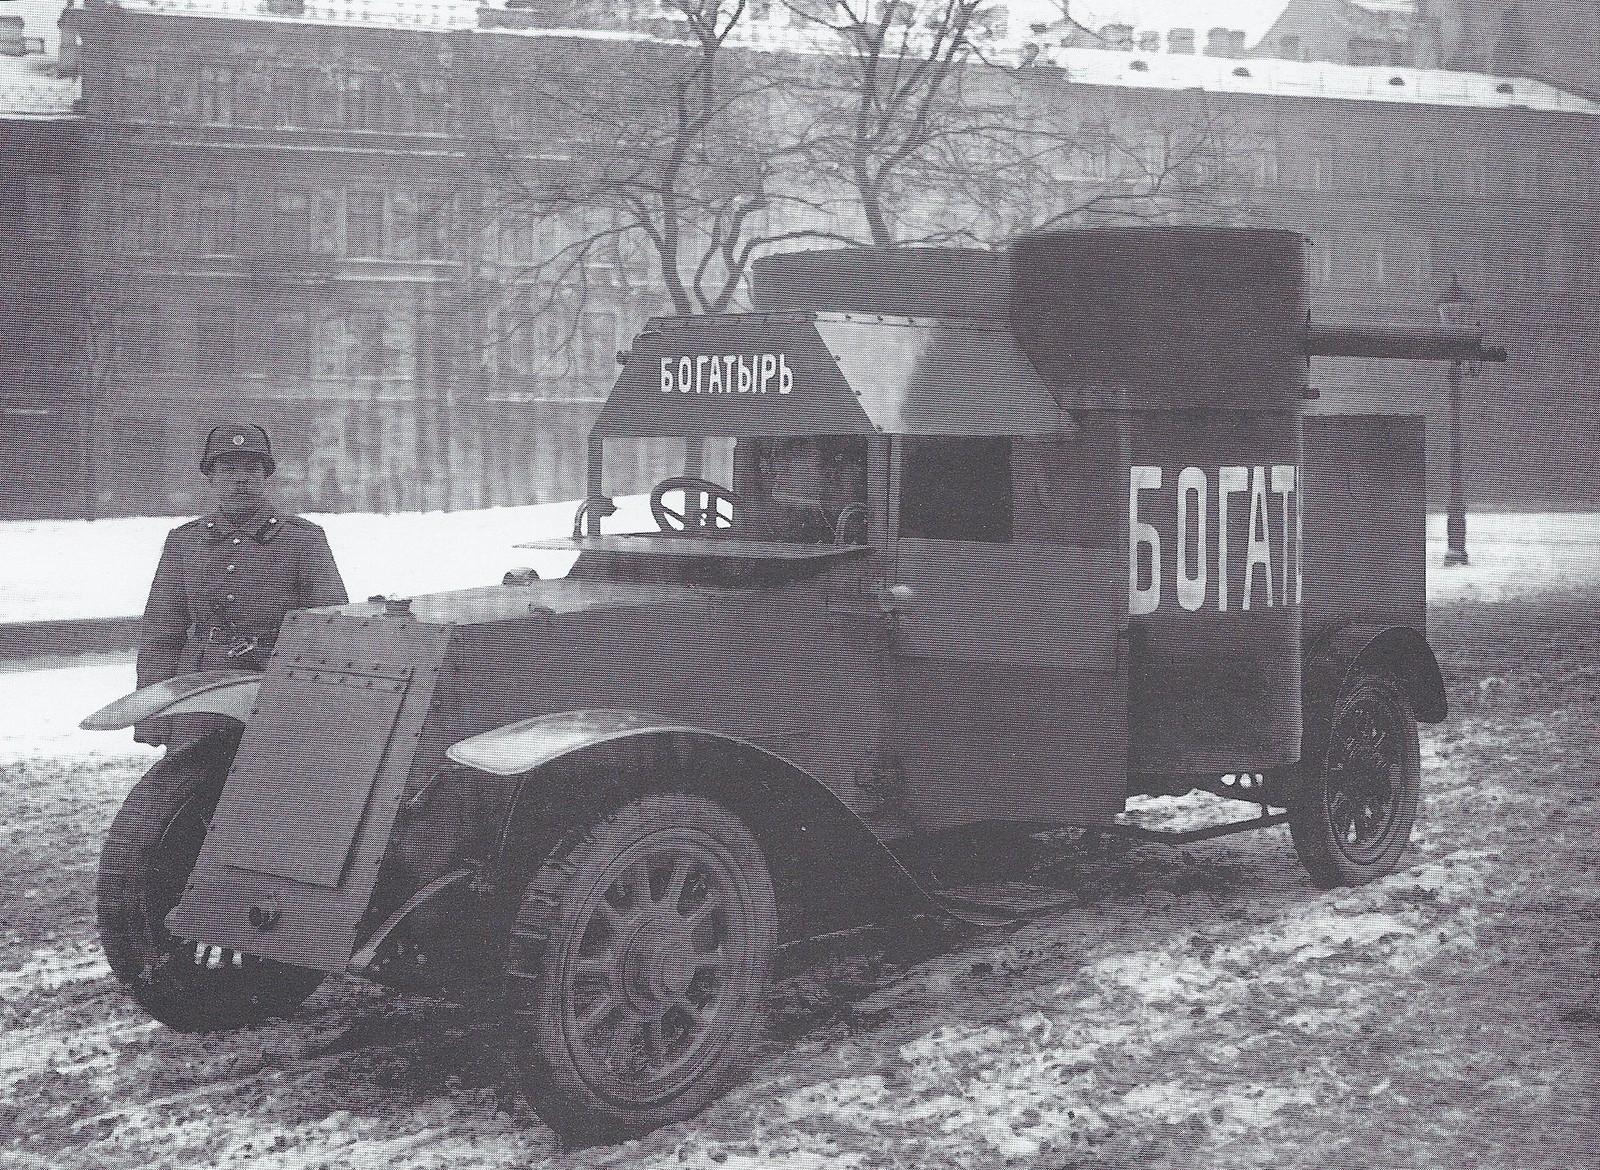 1915. Броневой автомобиль «Богатырь» на Манежной площади. Петроград.